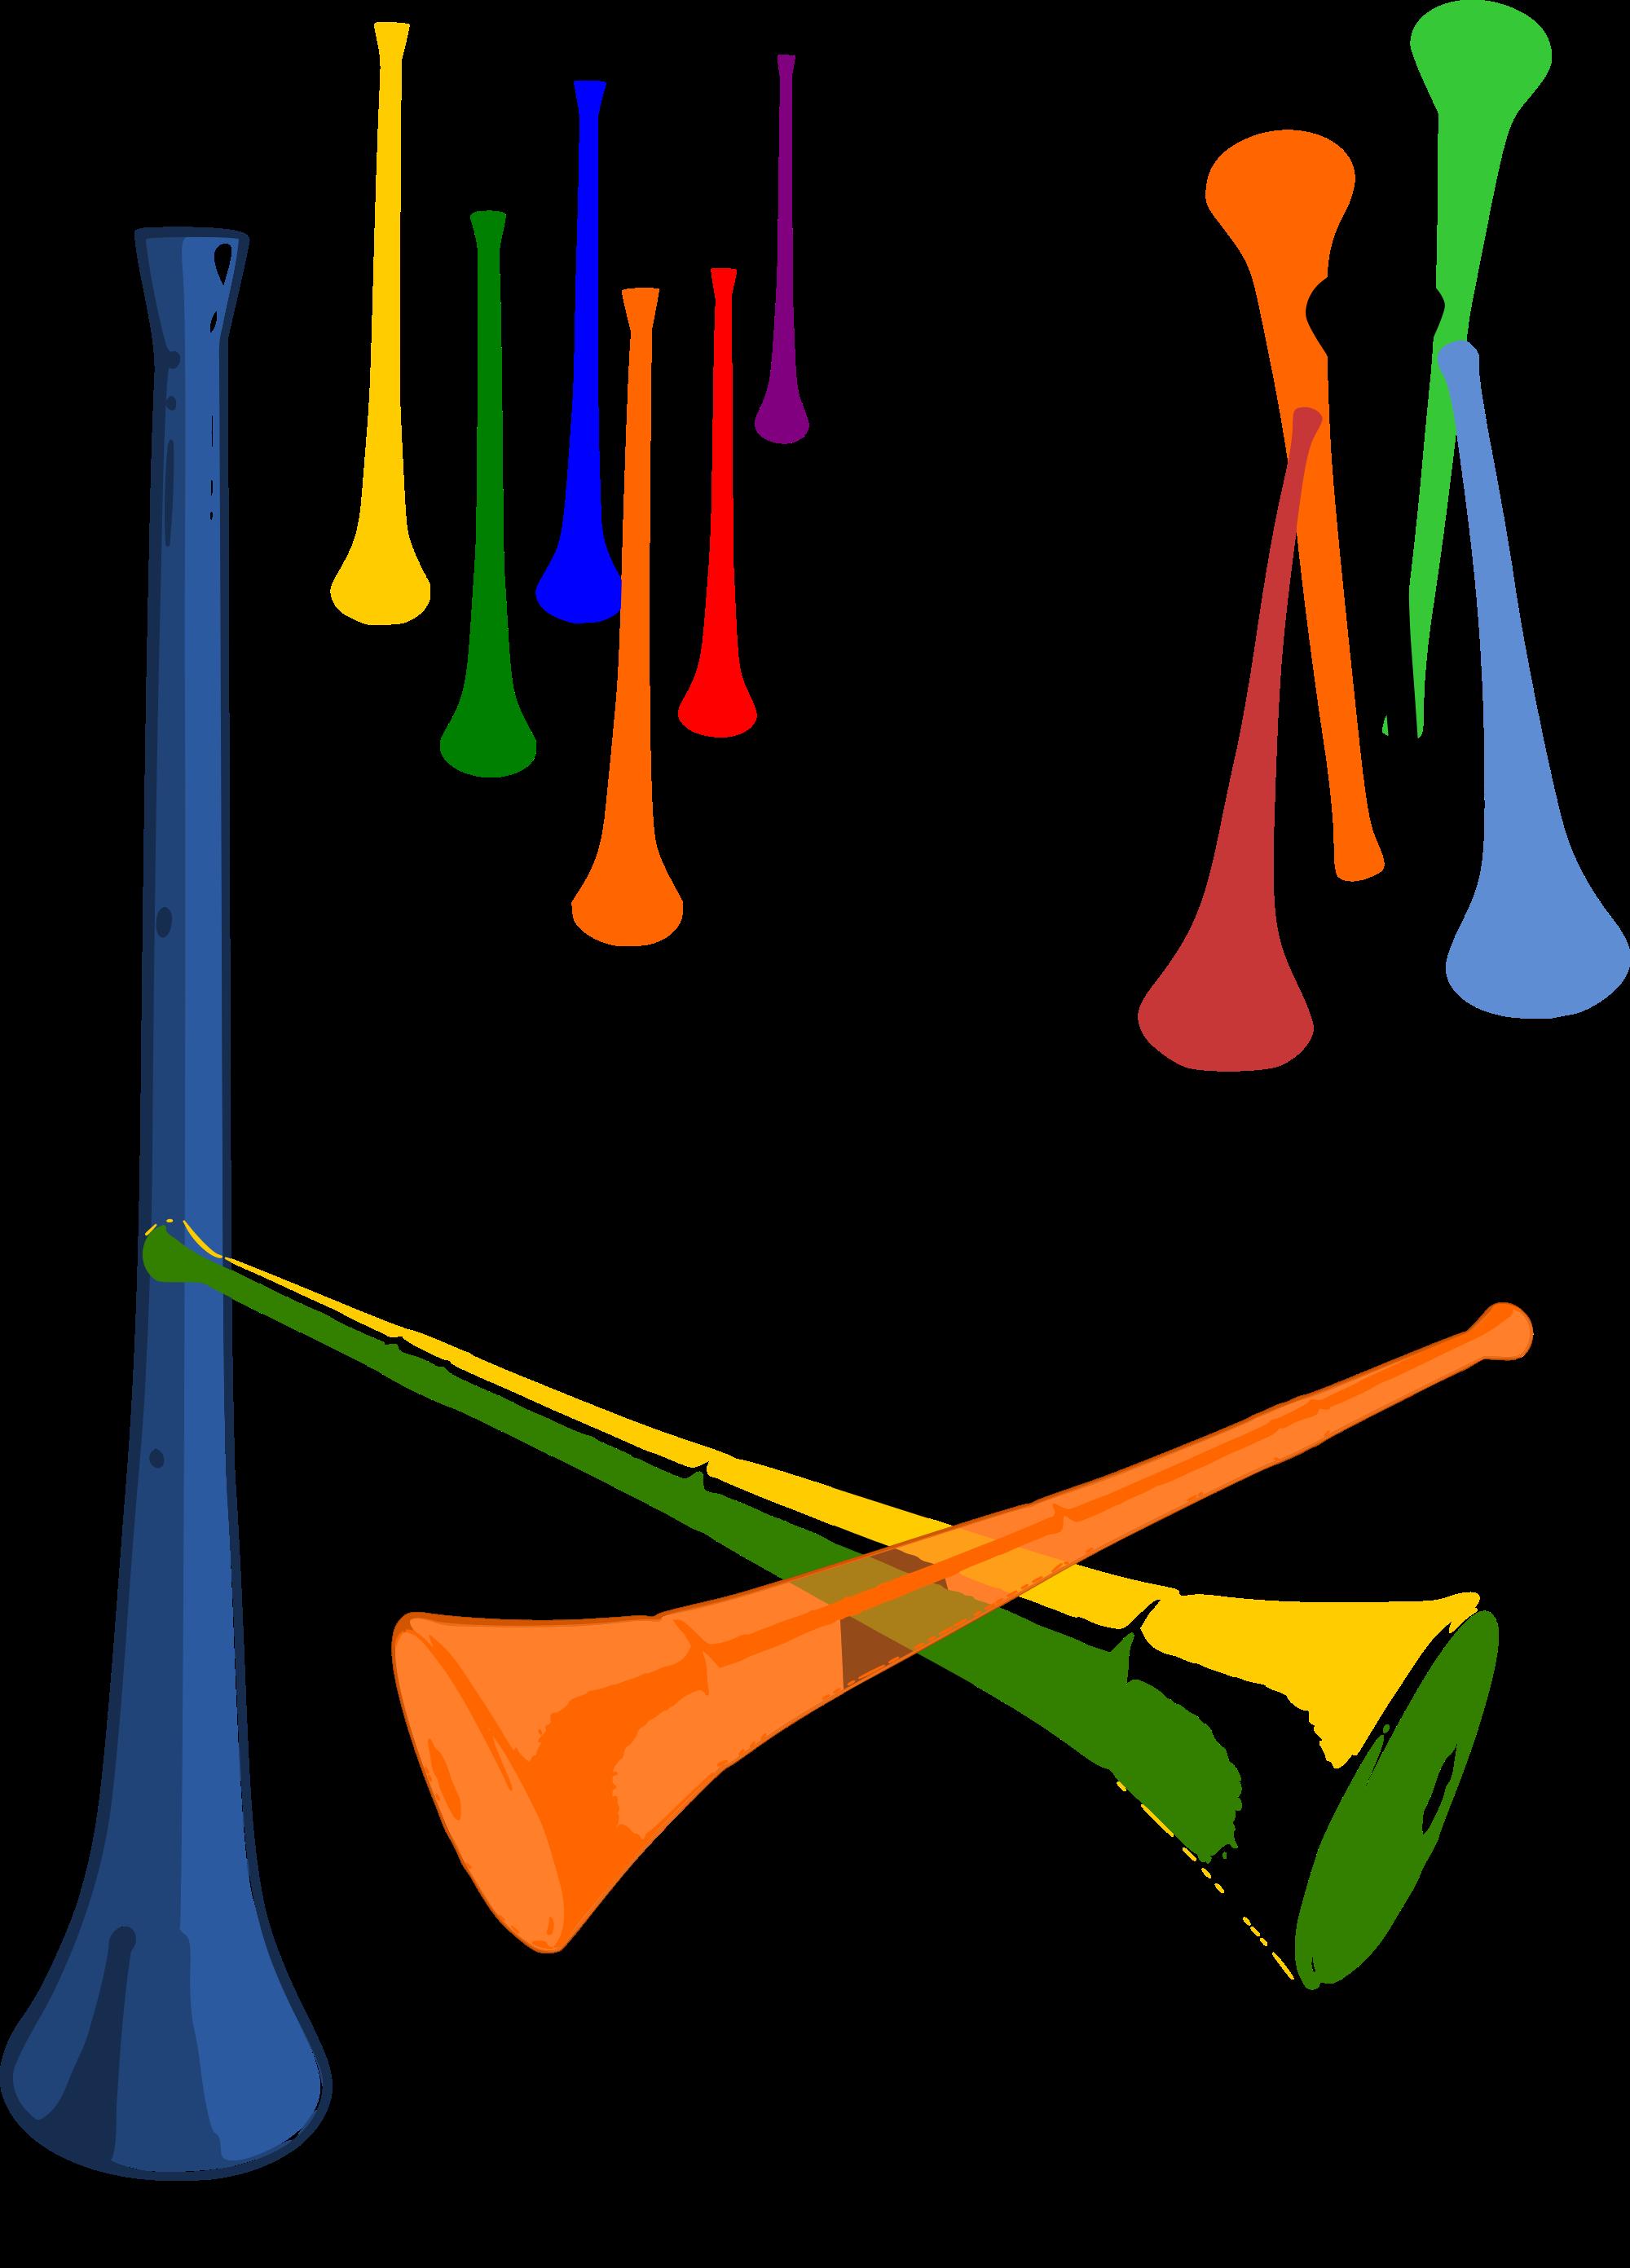 Horn clipart musical intrument. File vuvuzelas svg wikimedia